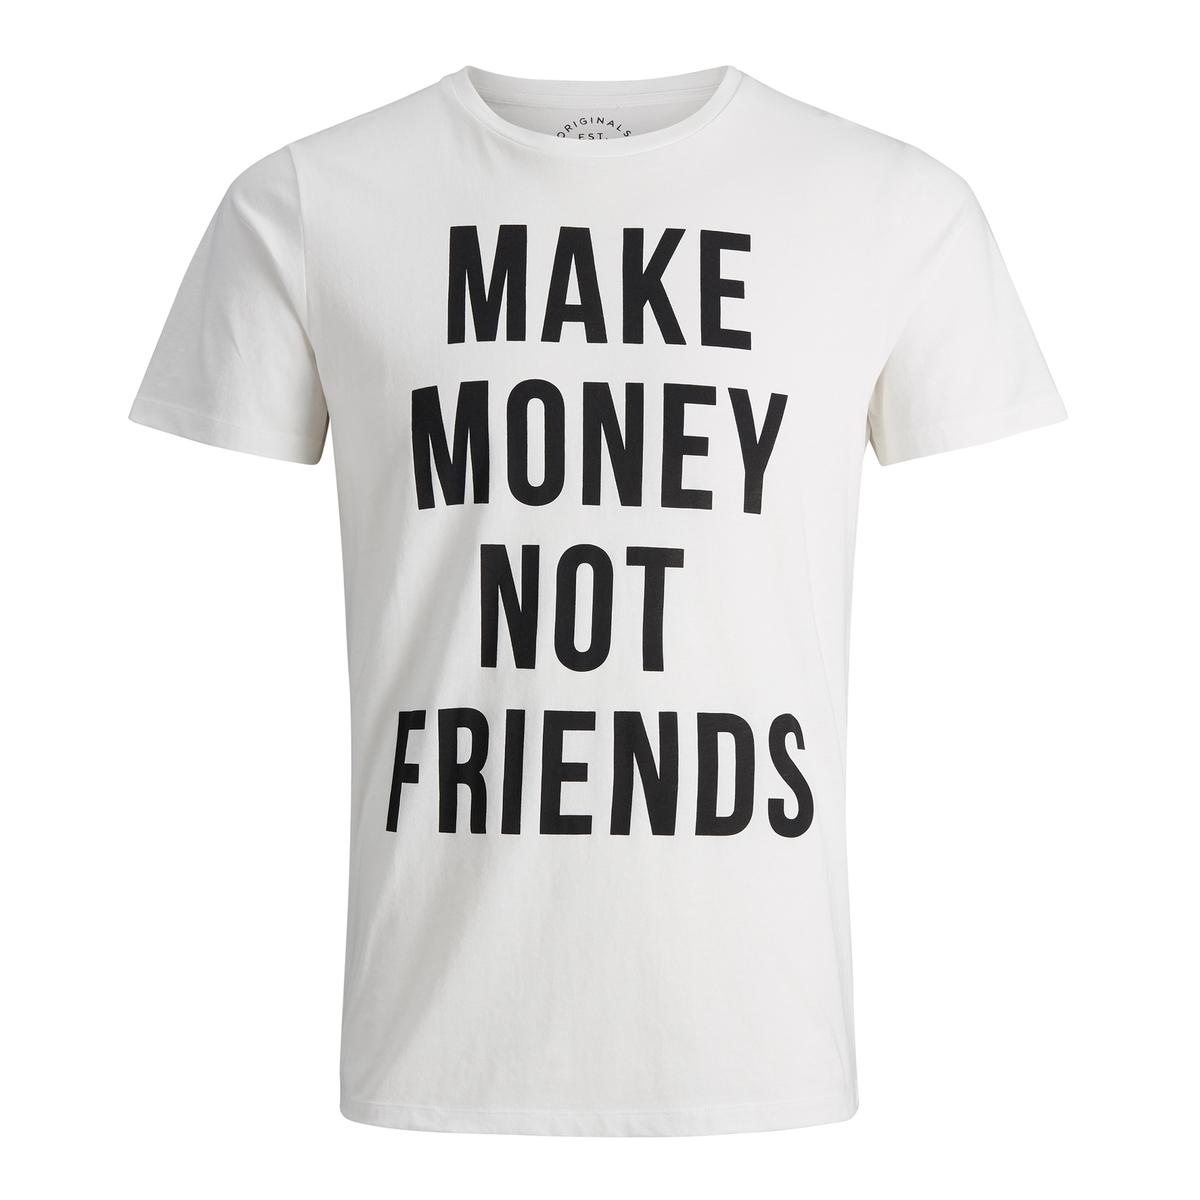 Картинки футболки с надписями по английскому, днем